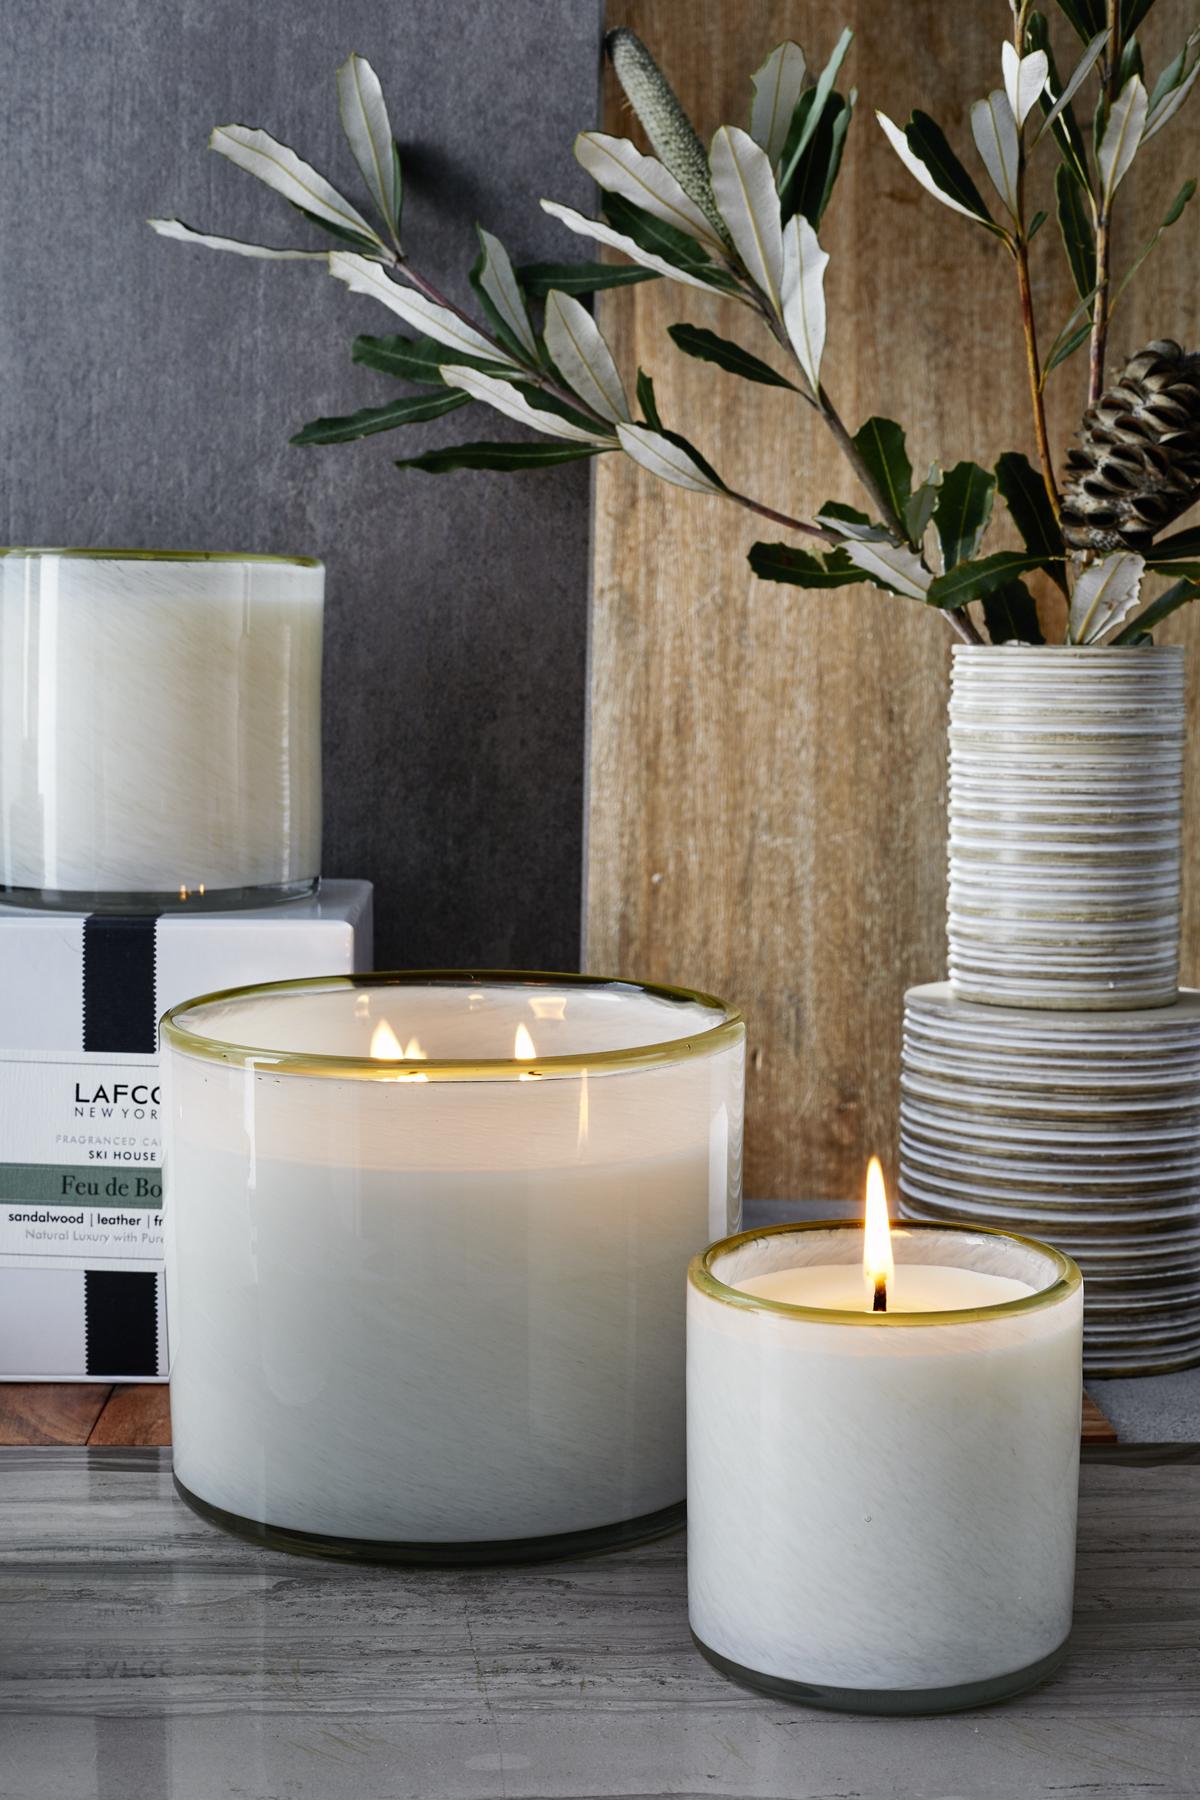 LAFCO Feu de Bois Candles